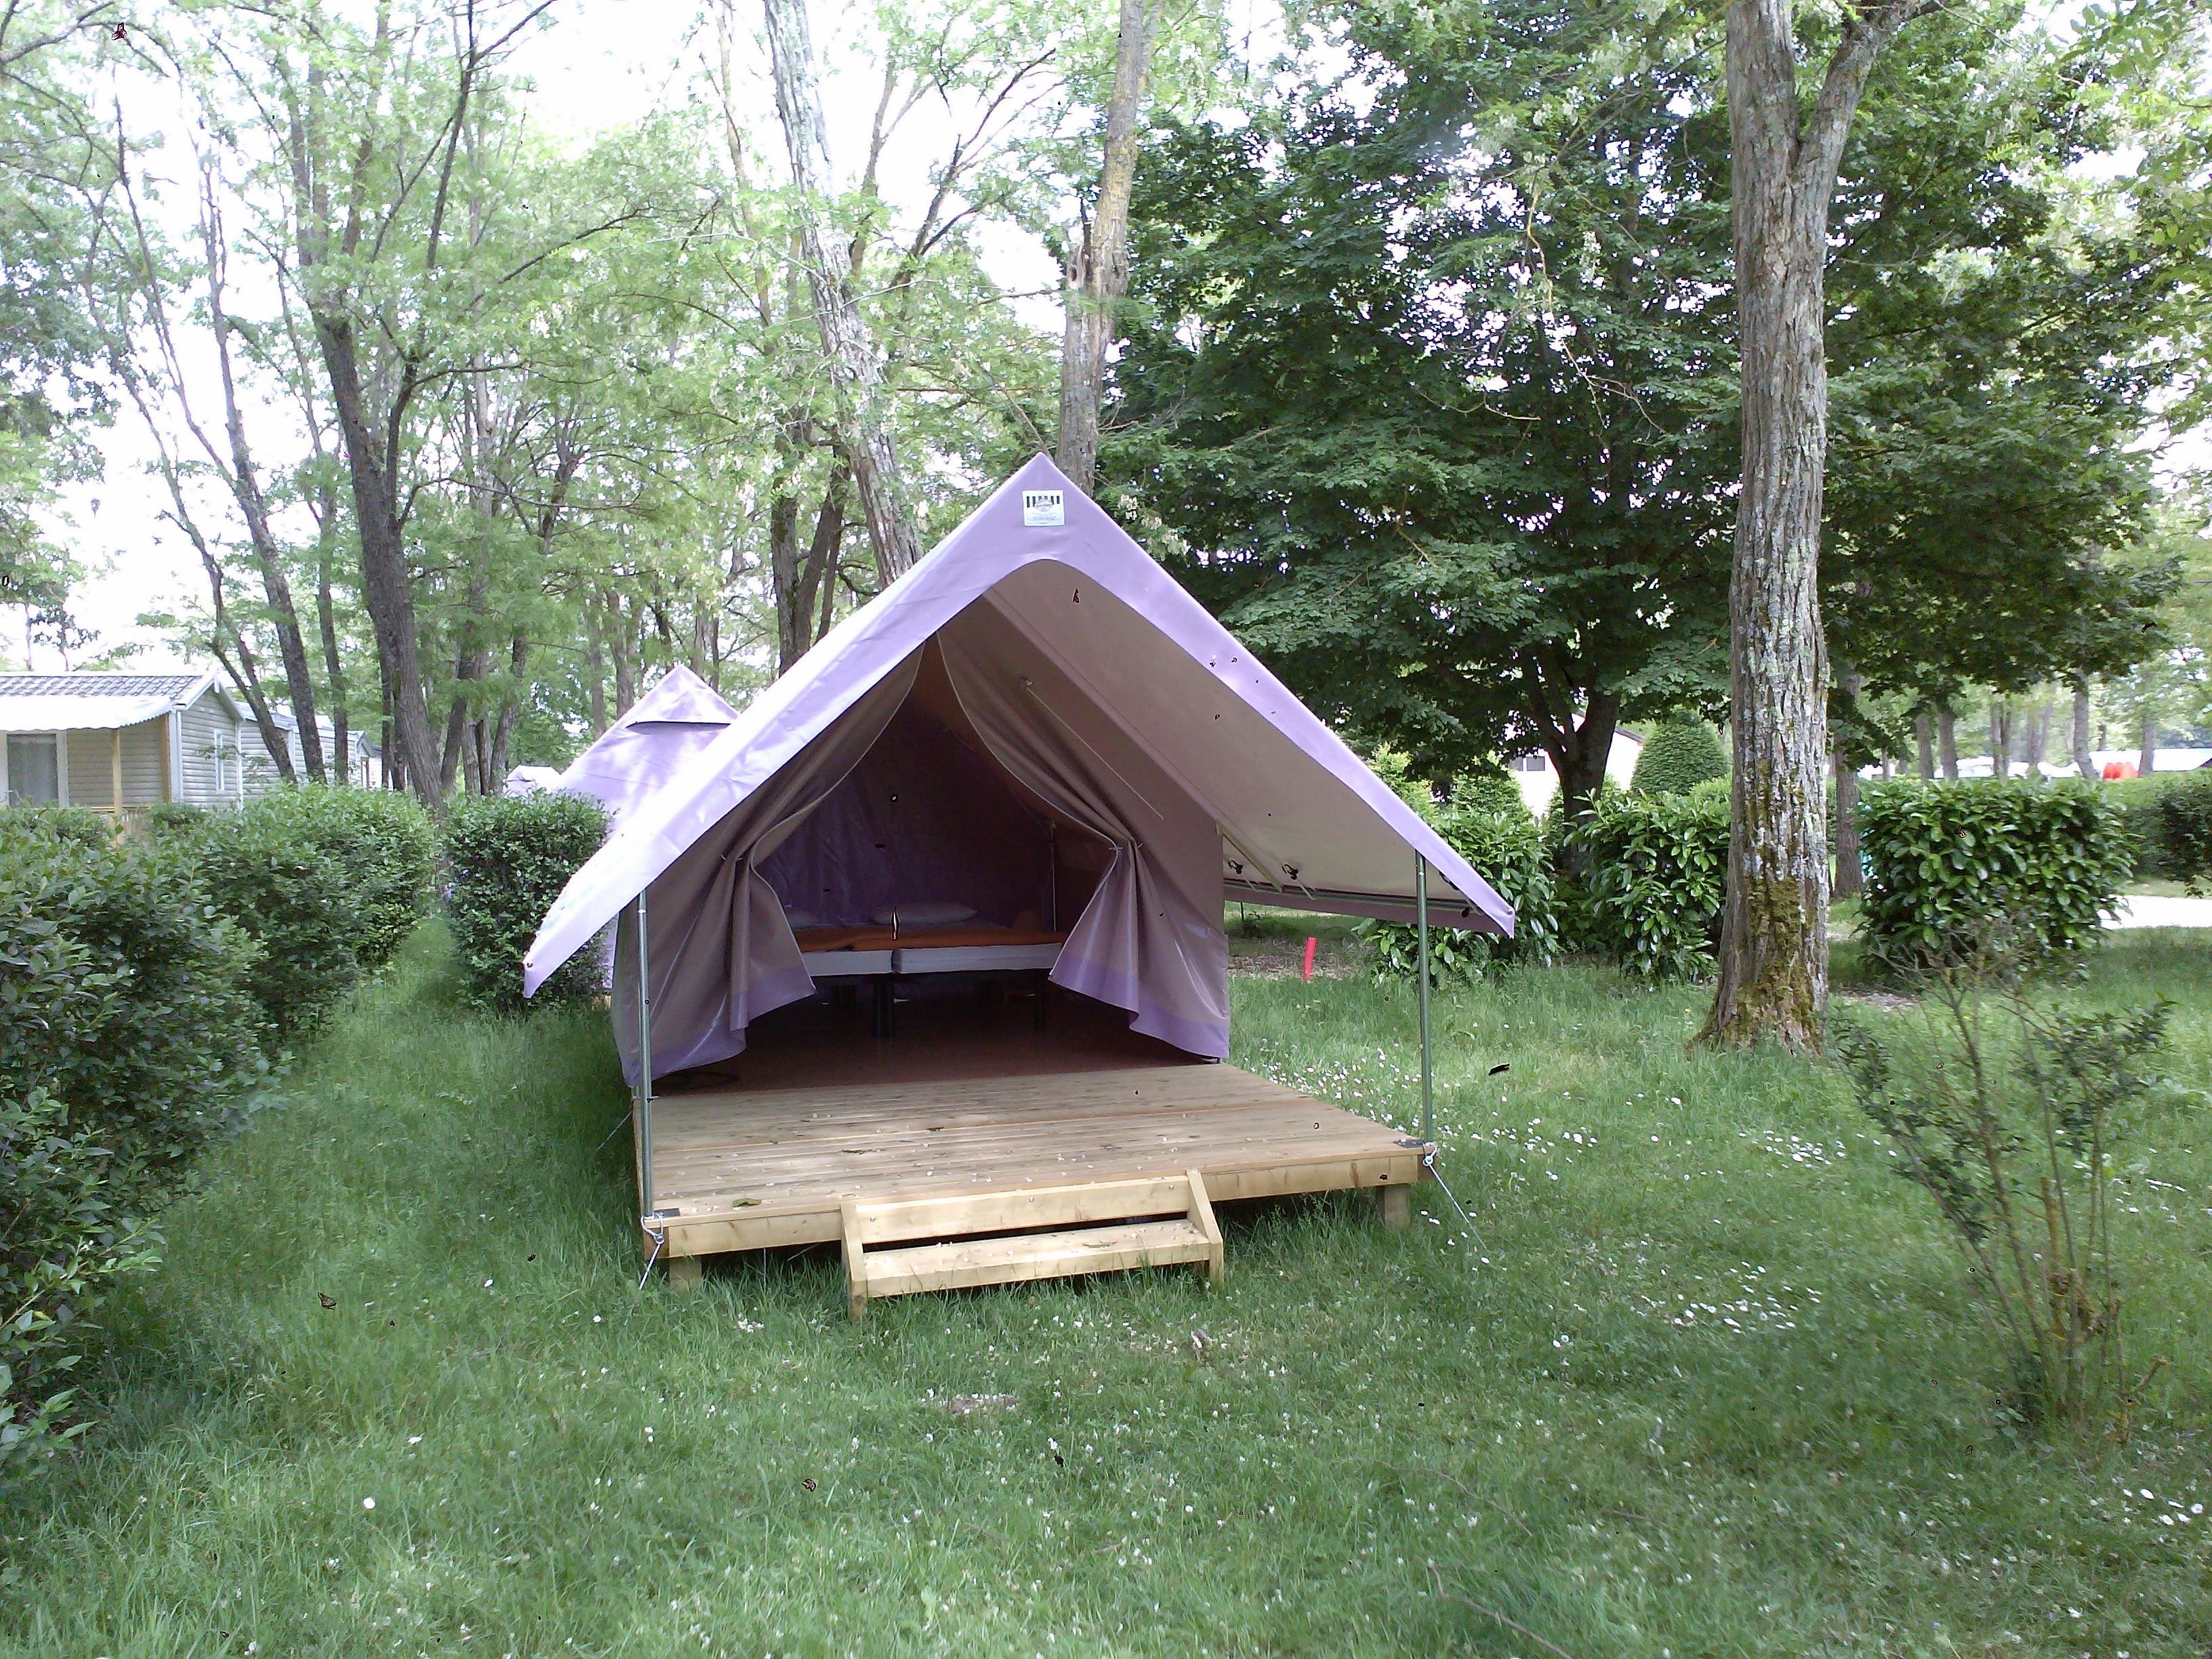 Emplacement - Tente Treck : Emplacement Équipé D'une Tente Canadienne Sur Plancher Avec Une Chambre + Une Terrasse Intégrée - Camping Les Portes de Sancerre